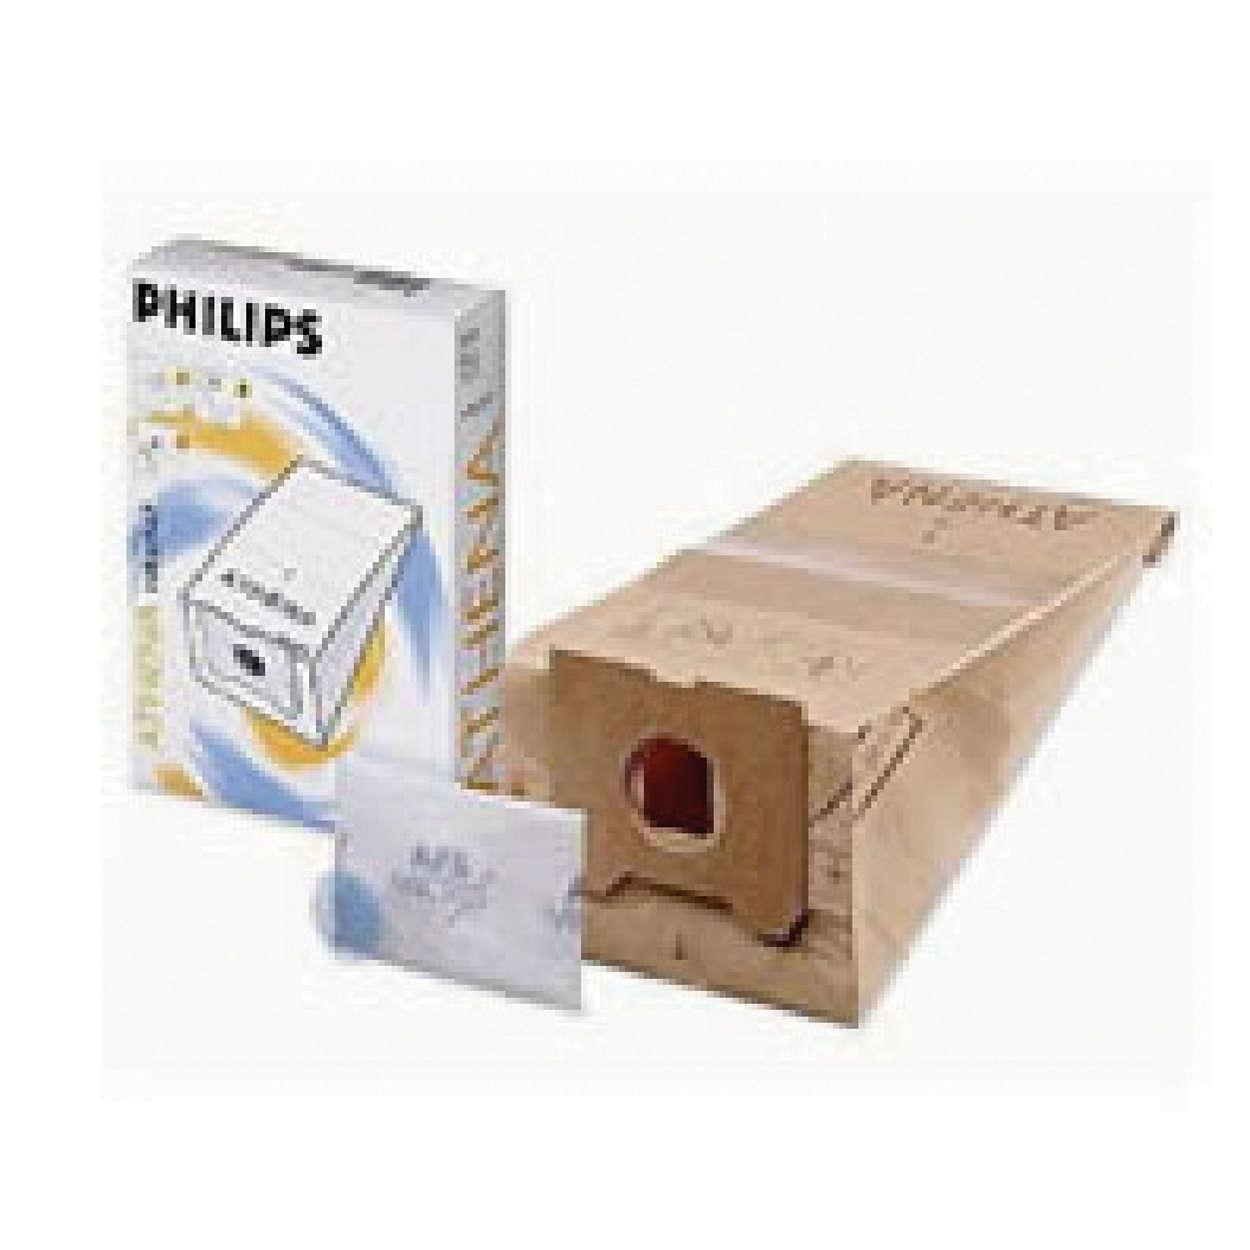 De originele stofzak van Philips